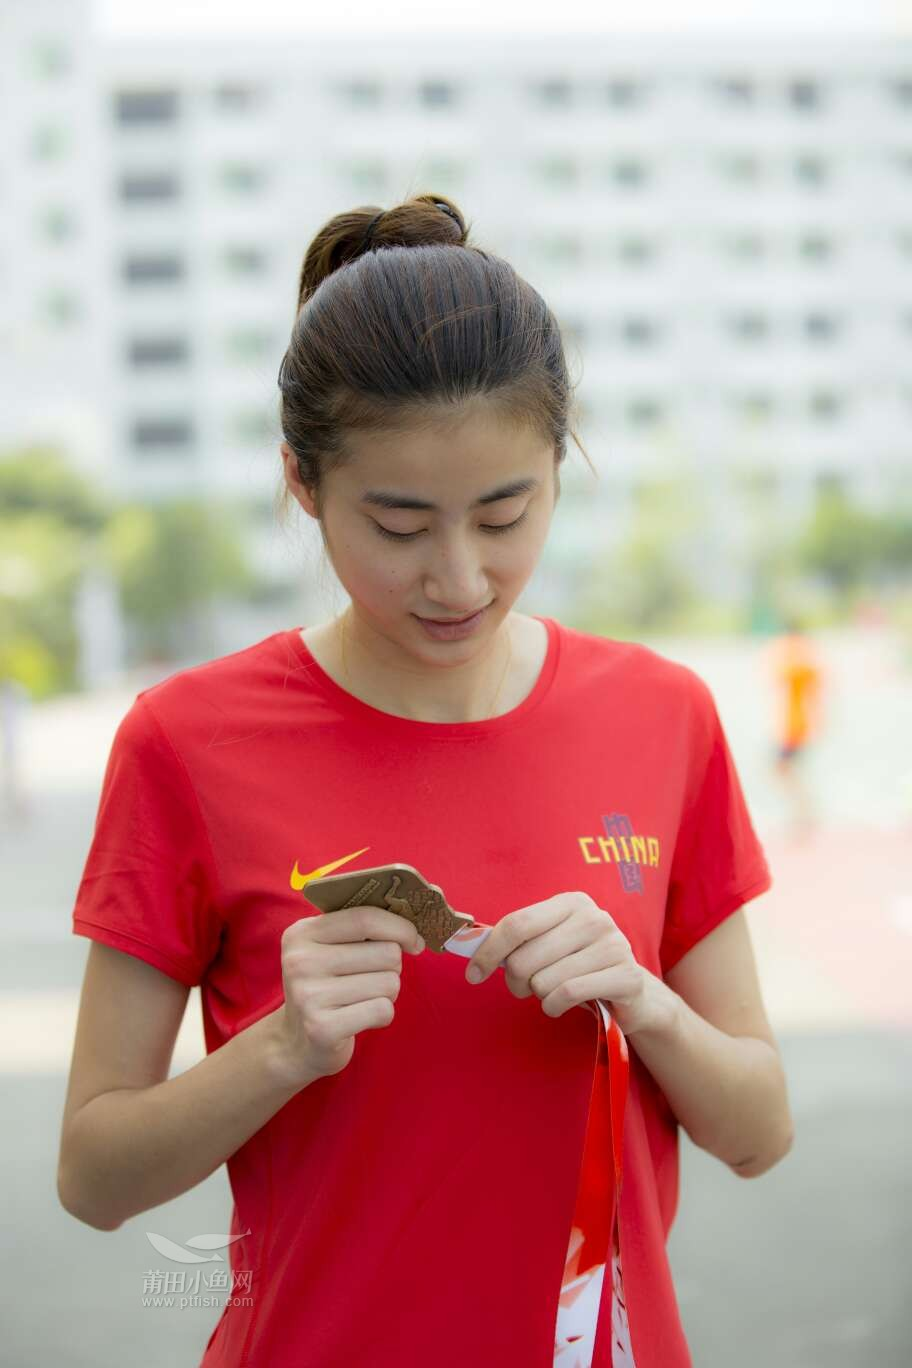 三级跳陈婷_热烈欢迎荣获得2016年世界青年田径锦标赛女子三级跳远冠军陈婷(莆田